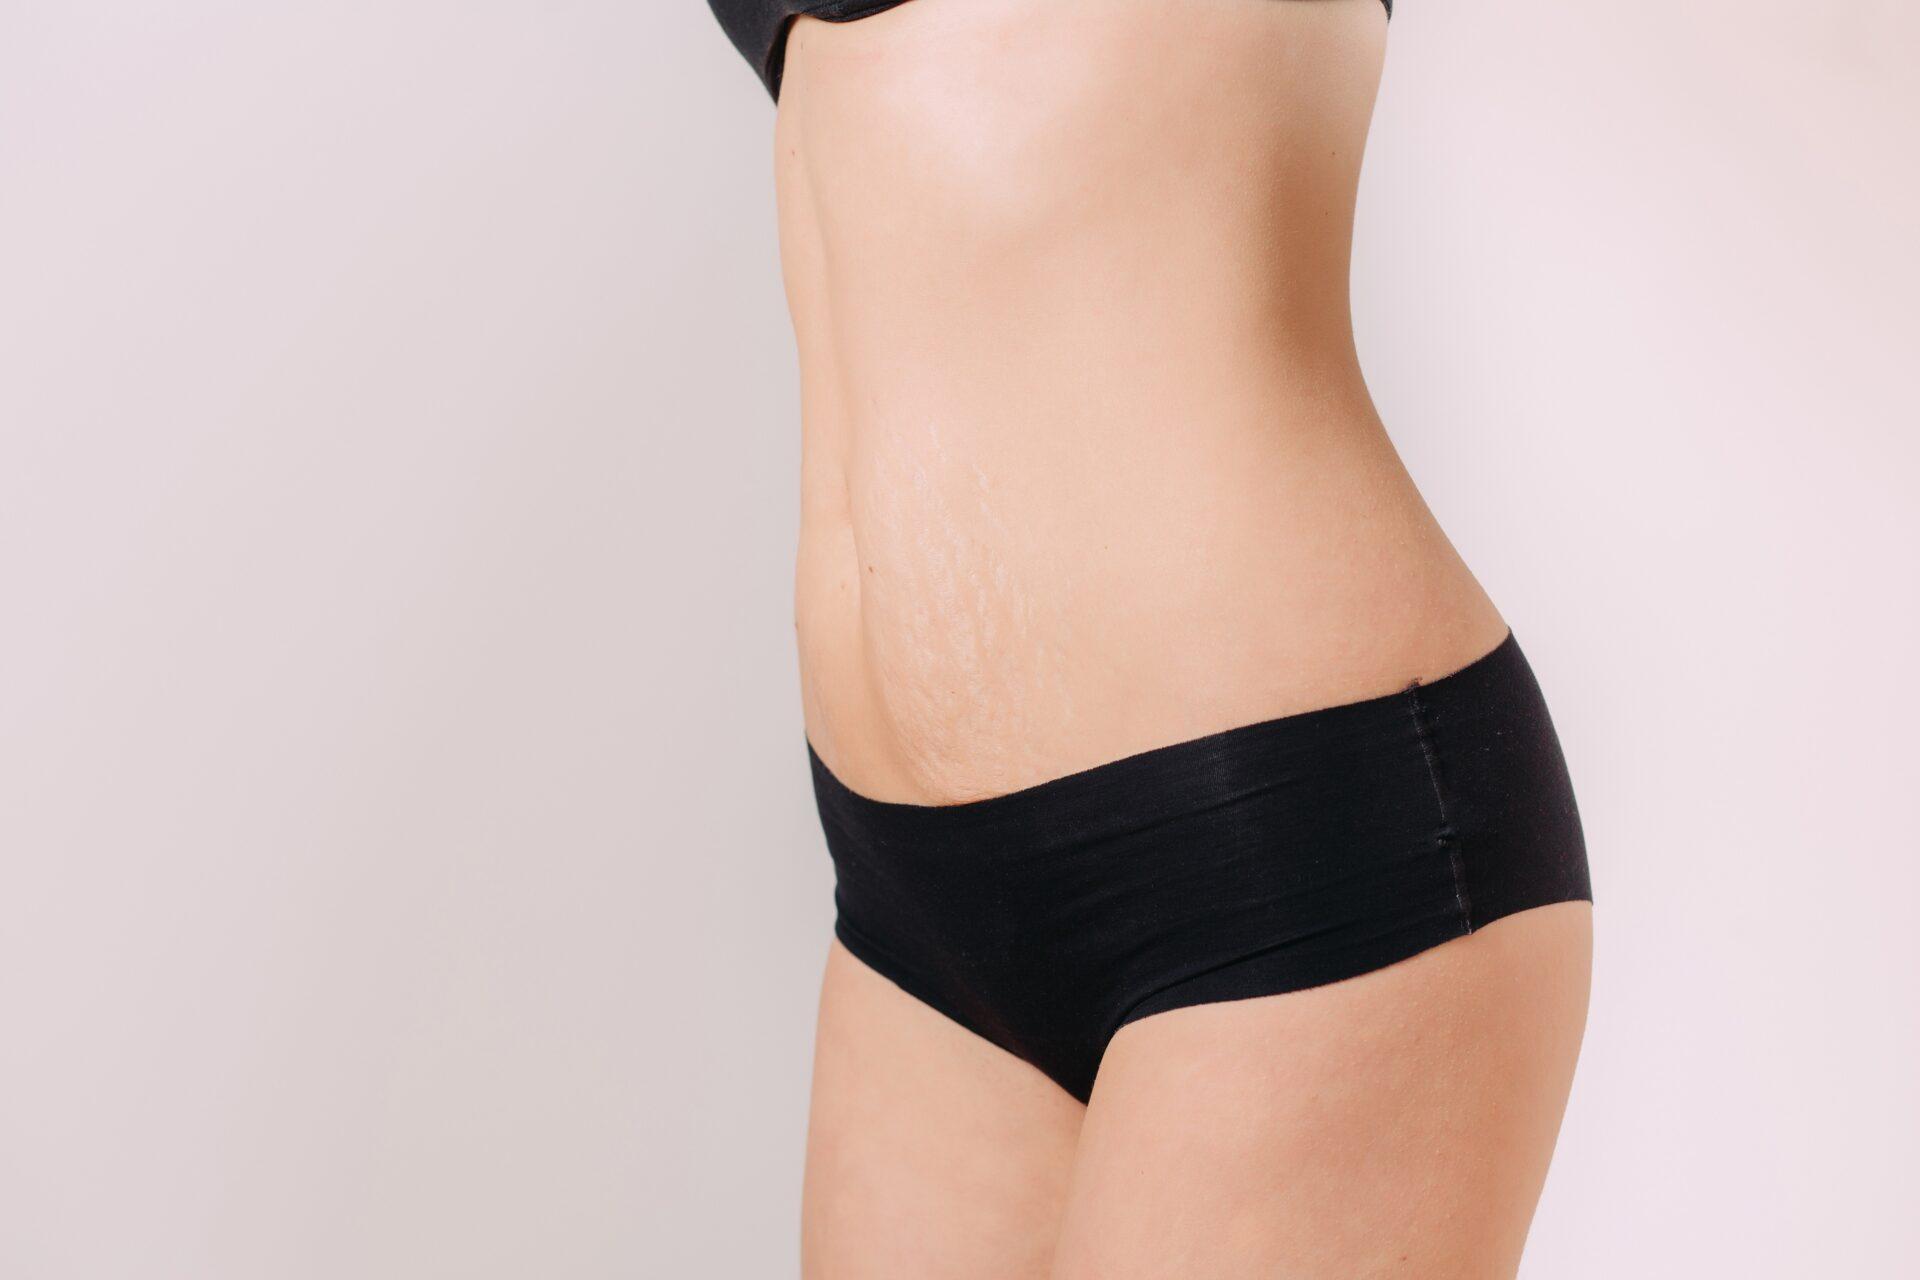 une femme enceinte peut-elle perdre de la graisse